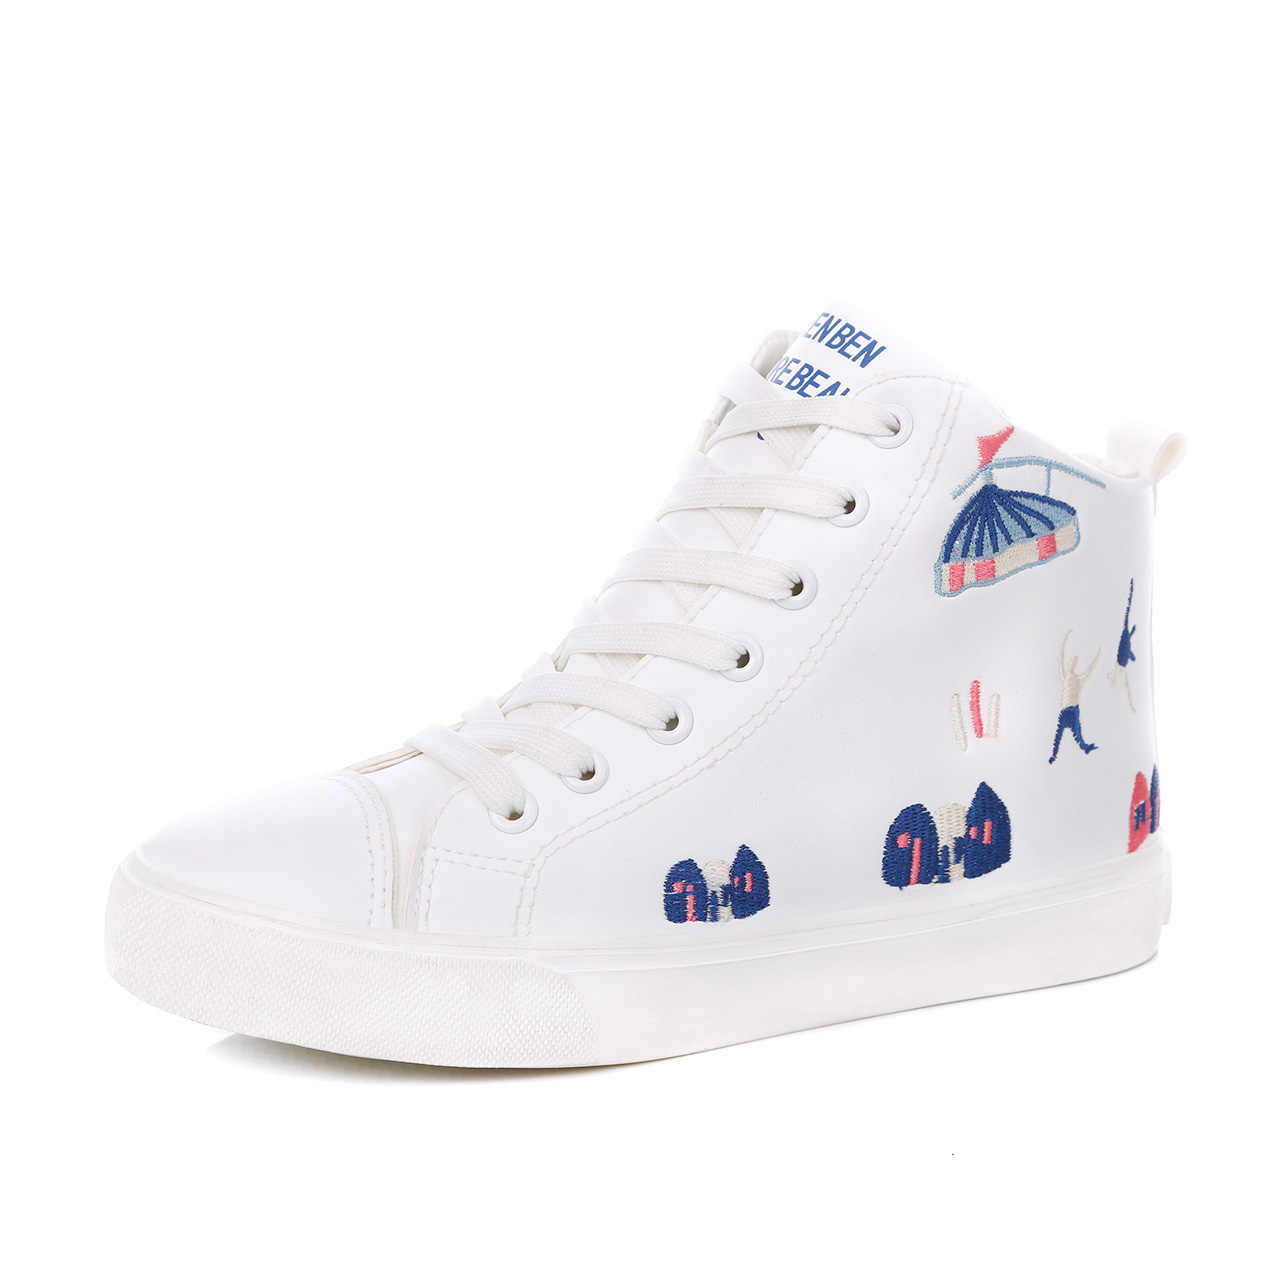 2018 Yeni Varış Sıcak Satış Ayakkabı Kadın Botları Katı Slip-On Yumuşak Sevimli Kadın Kar Botları Yuvarlak Ayak Düz kış Kürk yarım çizmeler